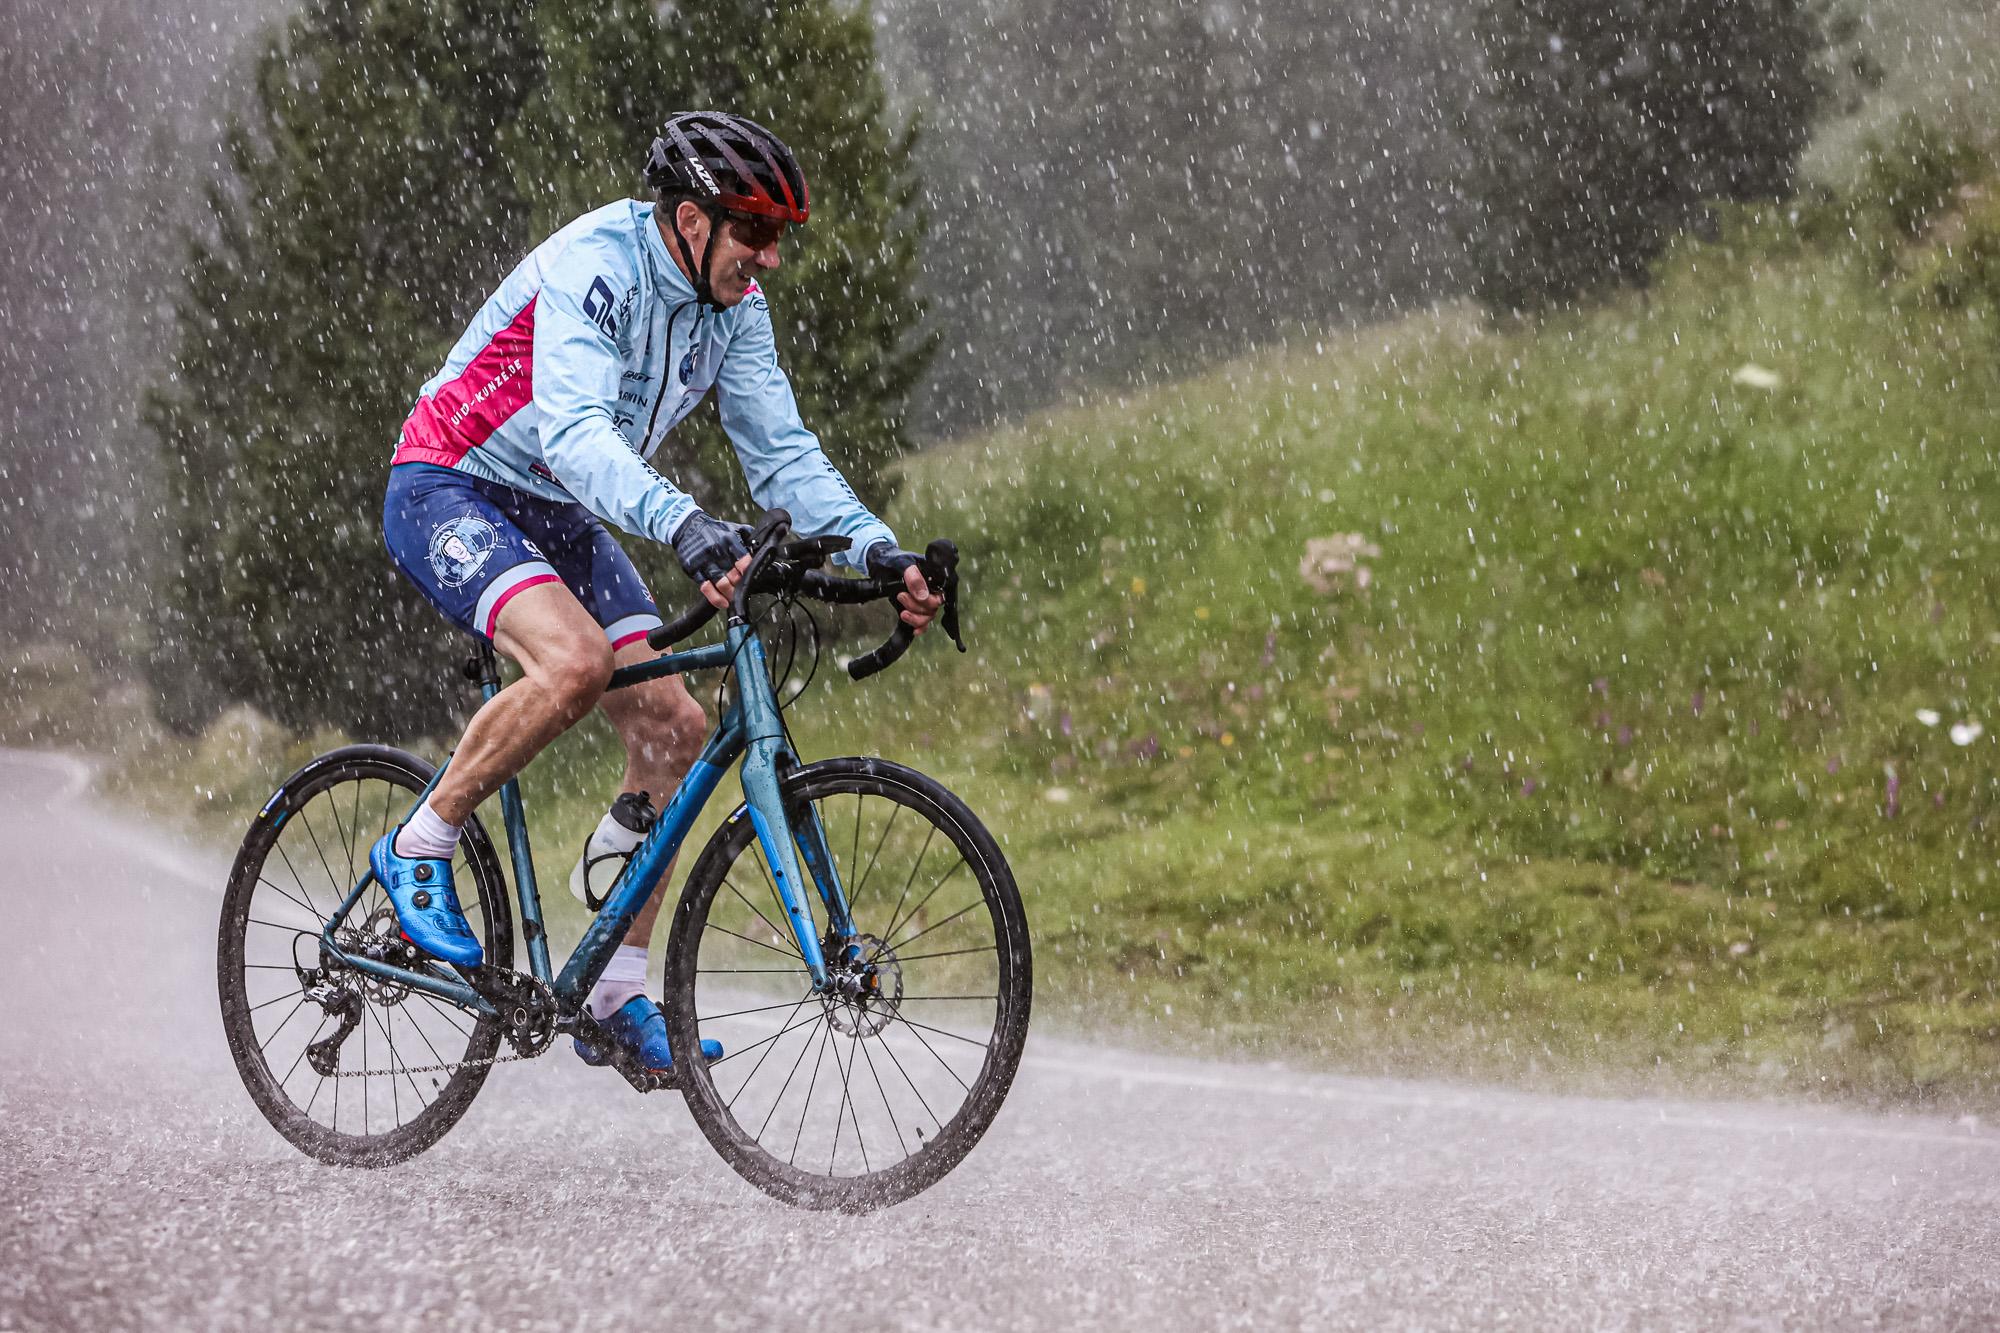 Extremsportler Guido Kunze fährt mit dem Rennrad auf der Sella Ronda durch ein starkes Gewitter